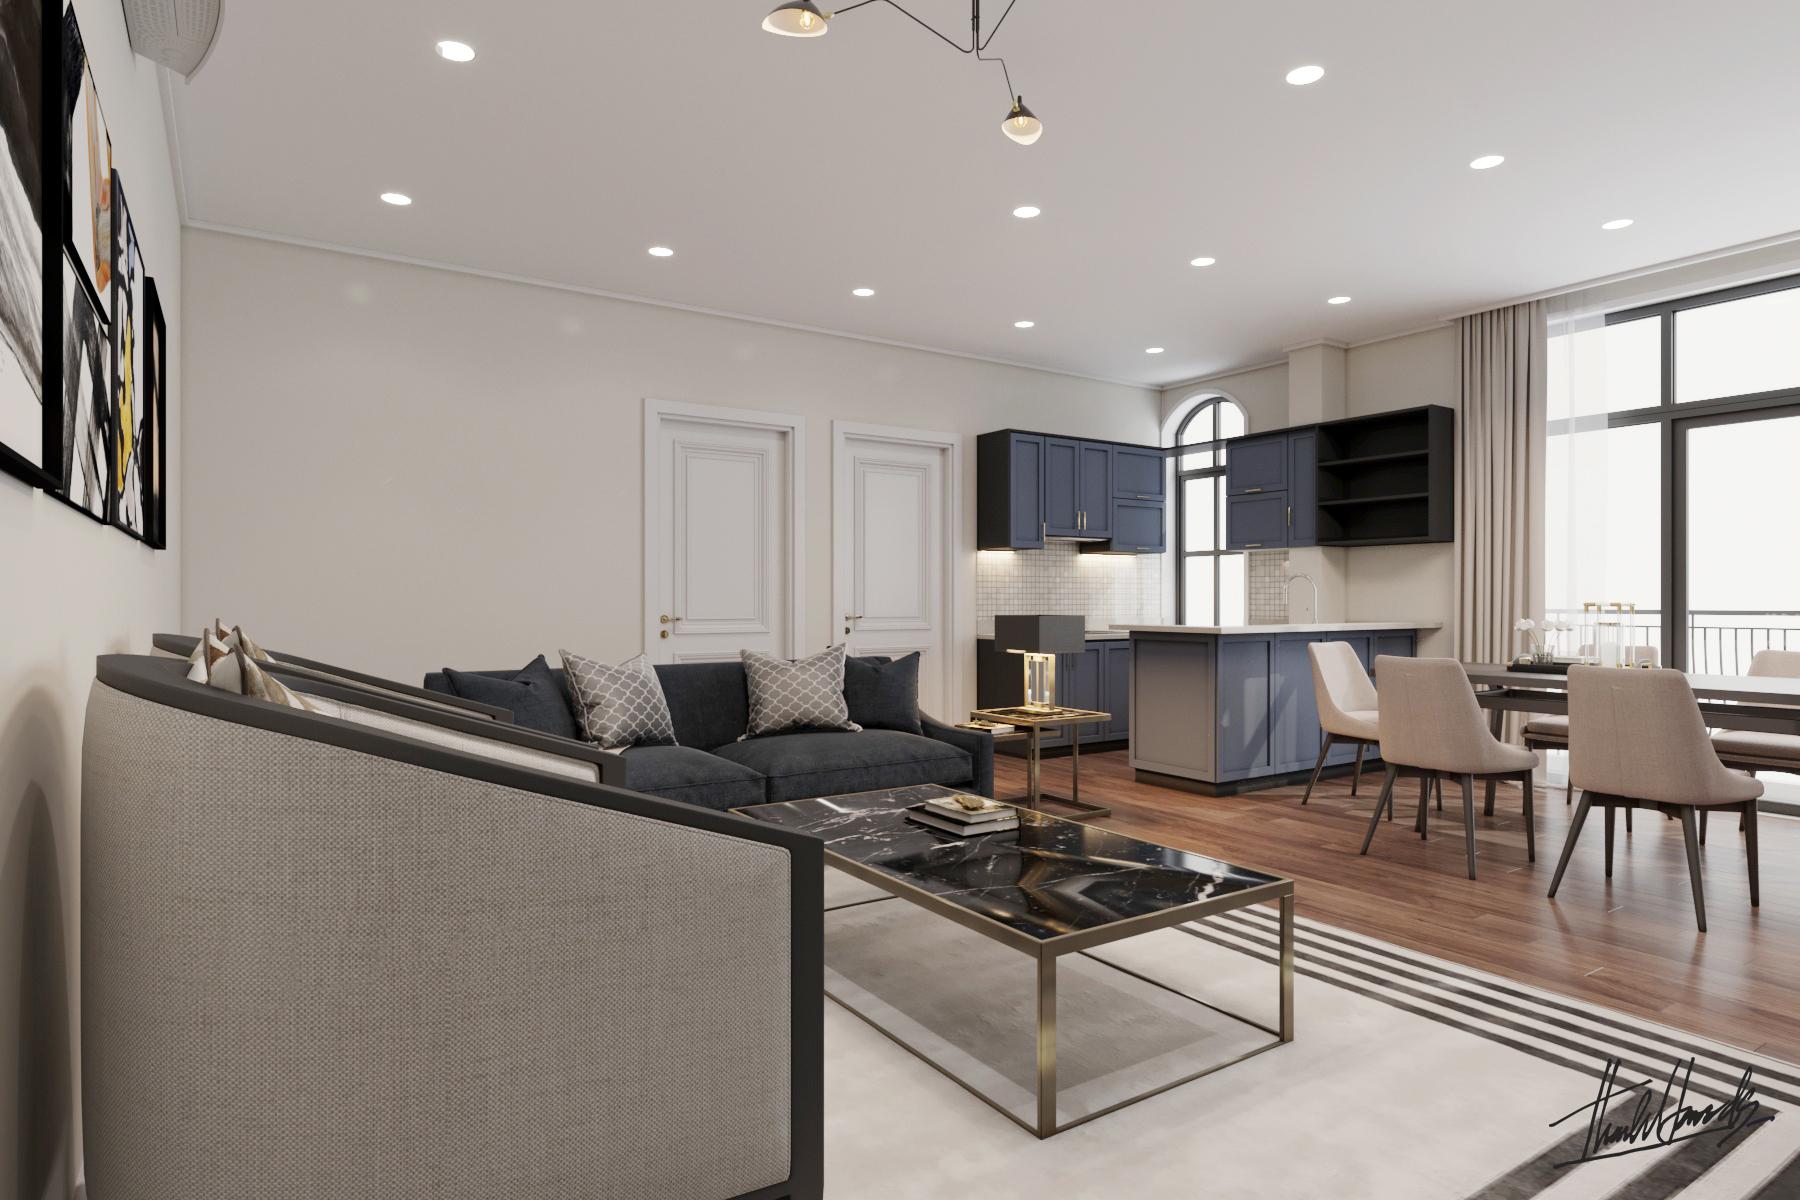 thiết kế nội thất Nhà Mặt Phố tại Hà Nội căn hộ cho thuê . 4 1568087724